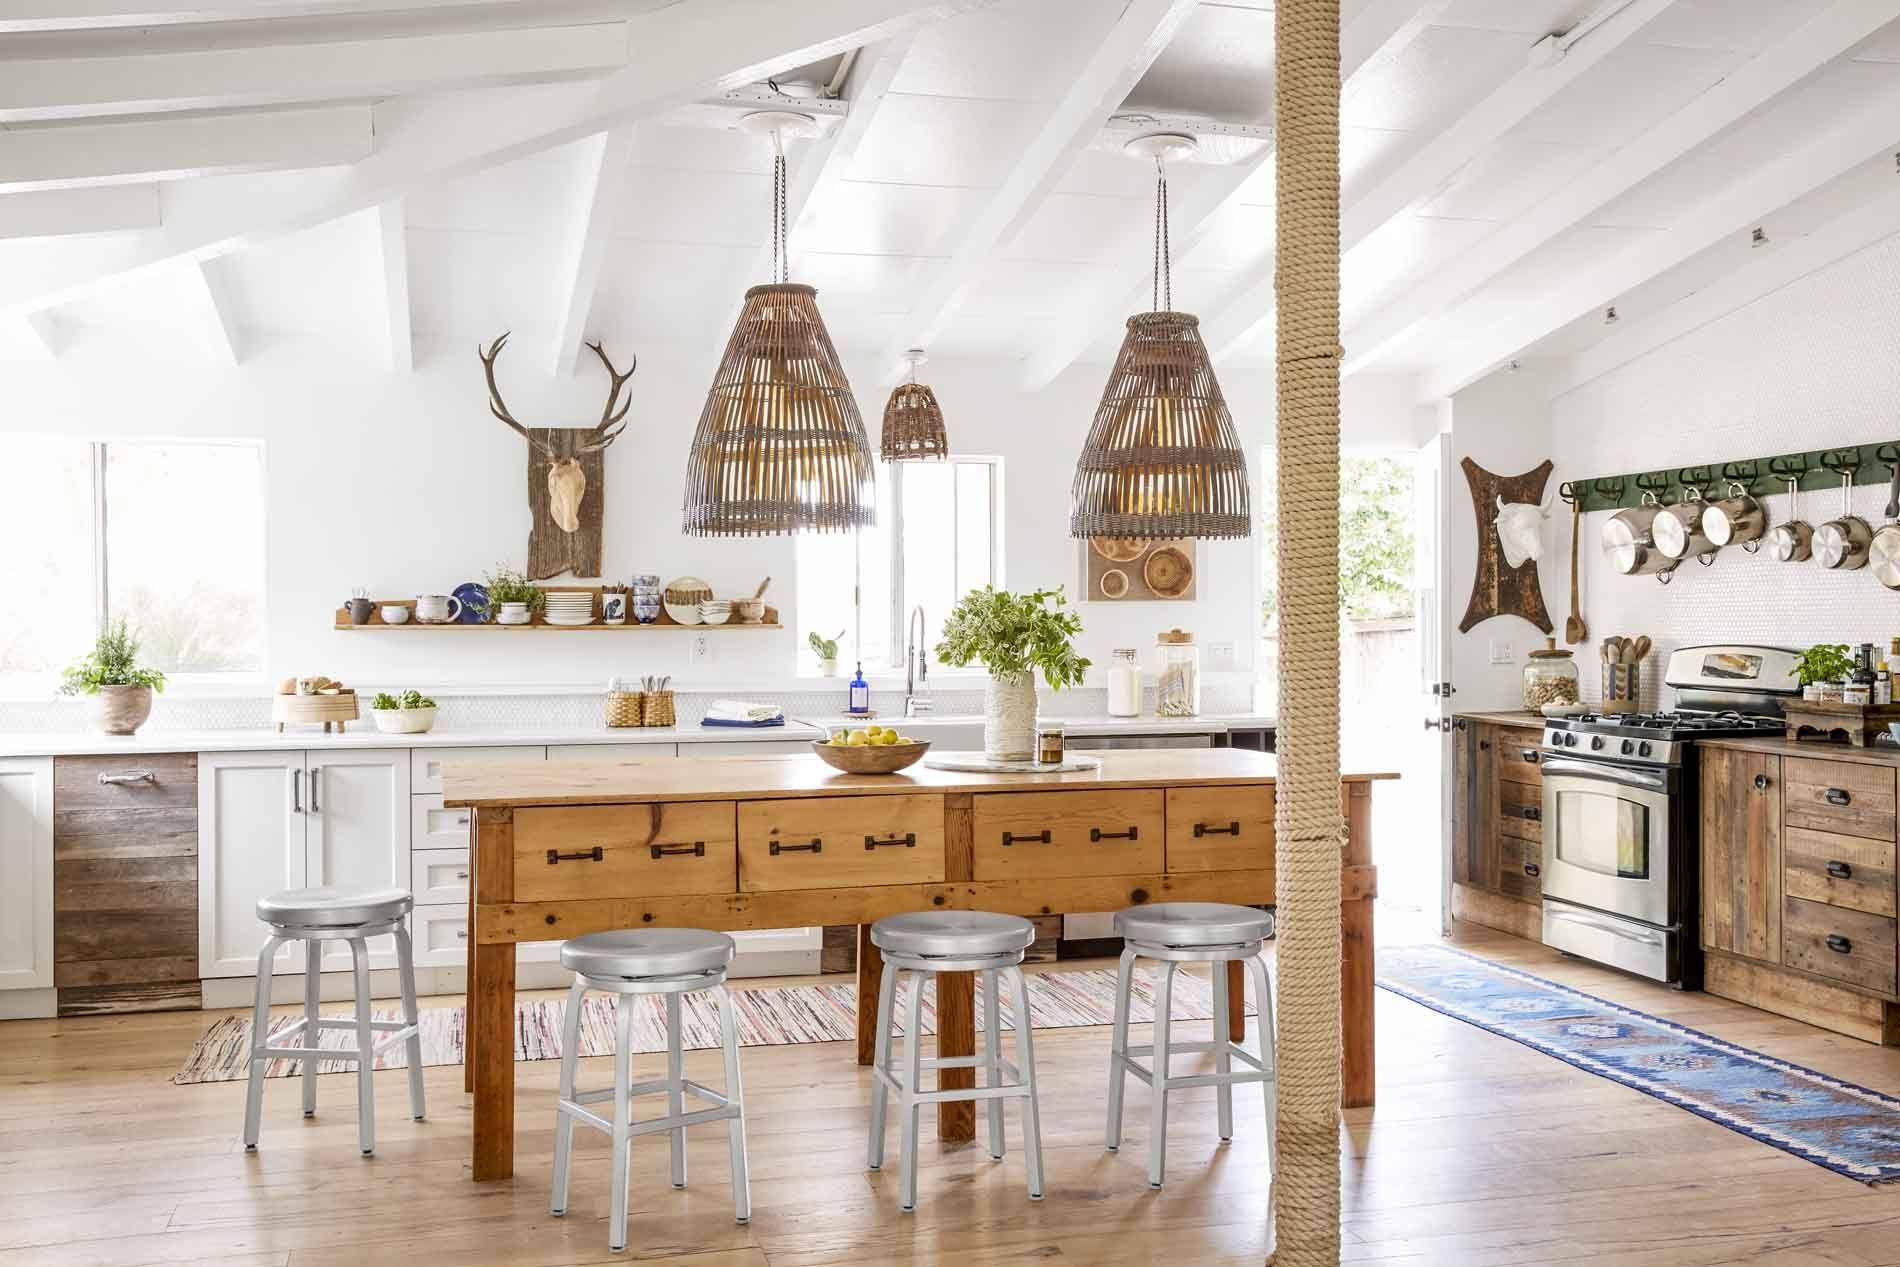 50+ Best Kitchen Island Ideas - Stylish Designs for Kitchen Islands